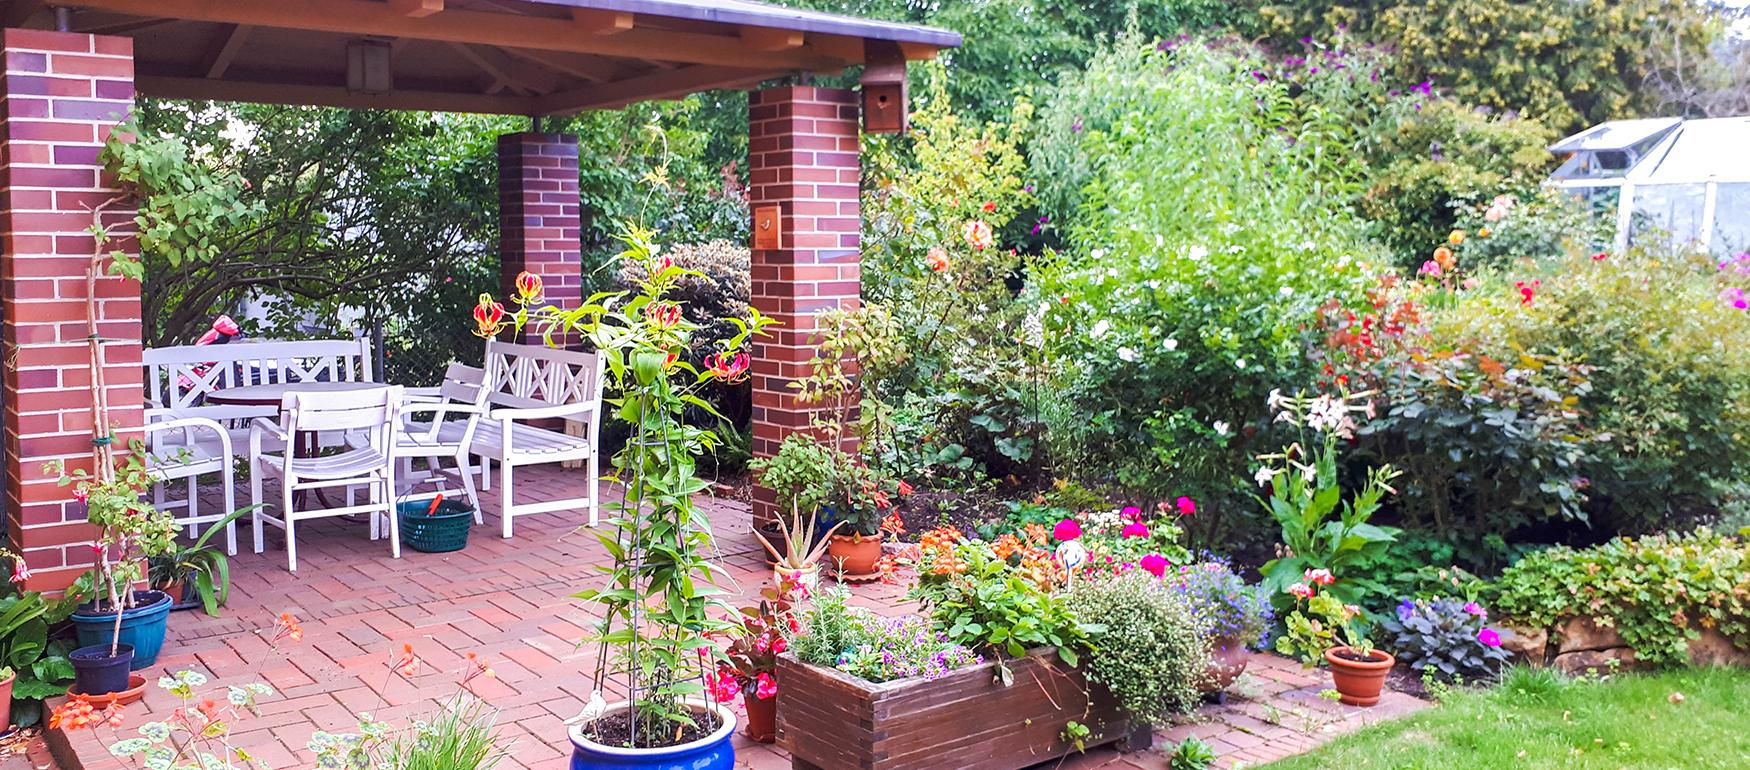 Gartenidylle genießen